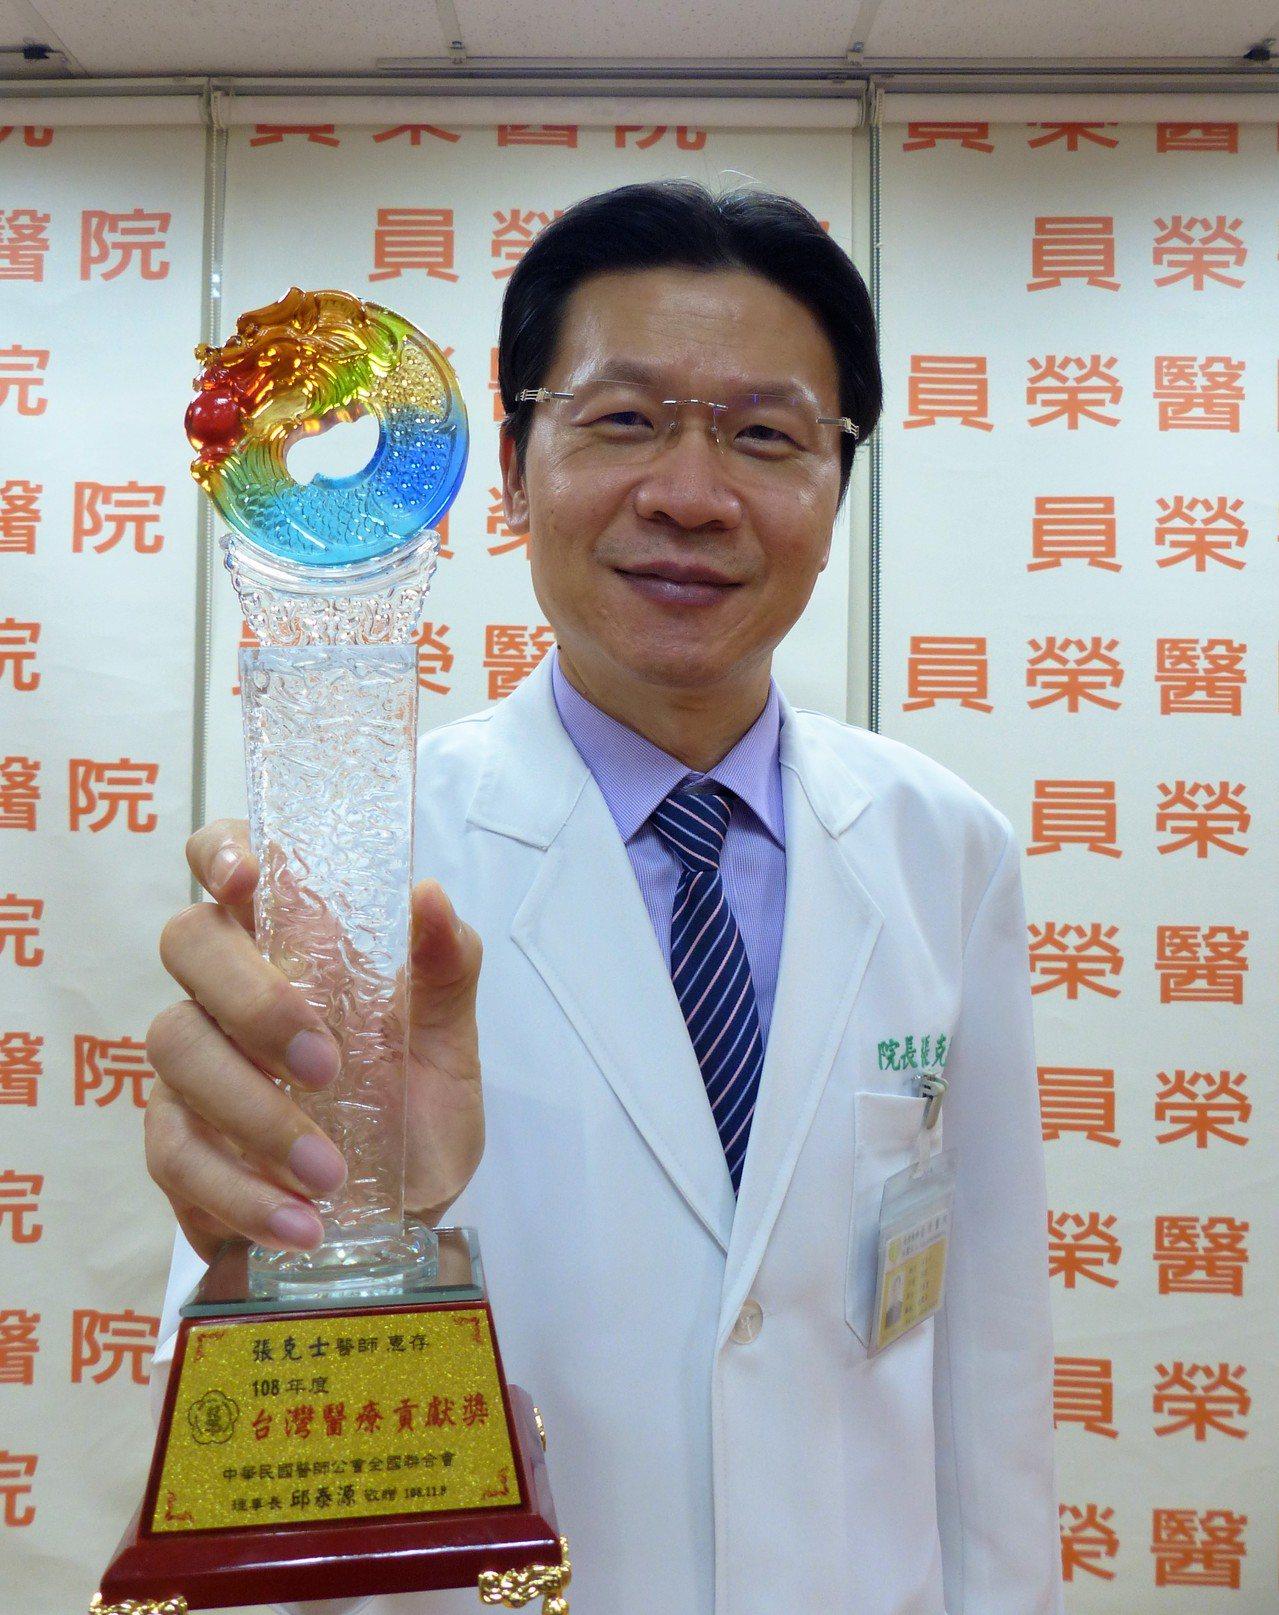 員榮醫療體系總院長張克士在醫師節前夕獲得「台灣醫療貢獻獎」。記者凌筠婷/攝影